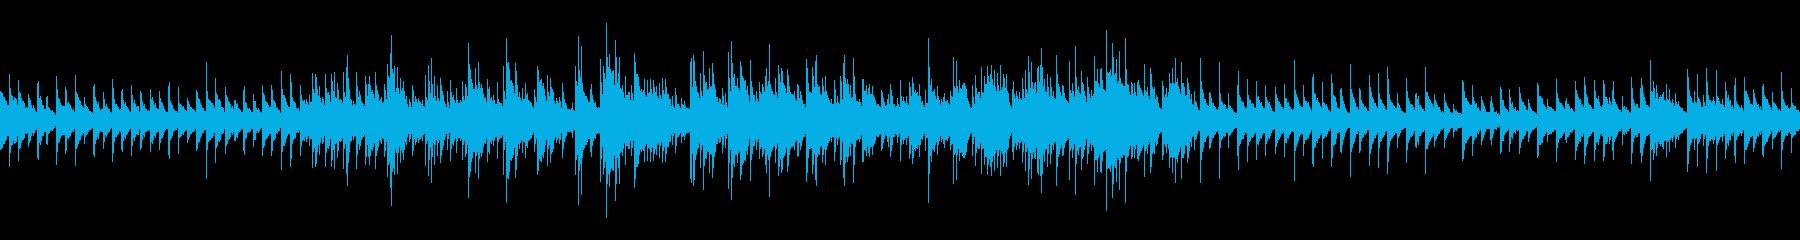 ロマンティックジャズ (ループ仕様)の再生済みの波形